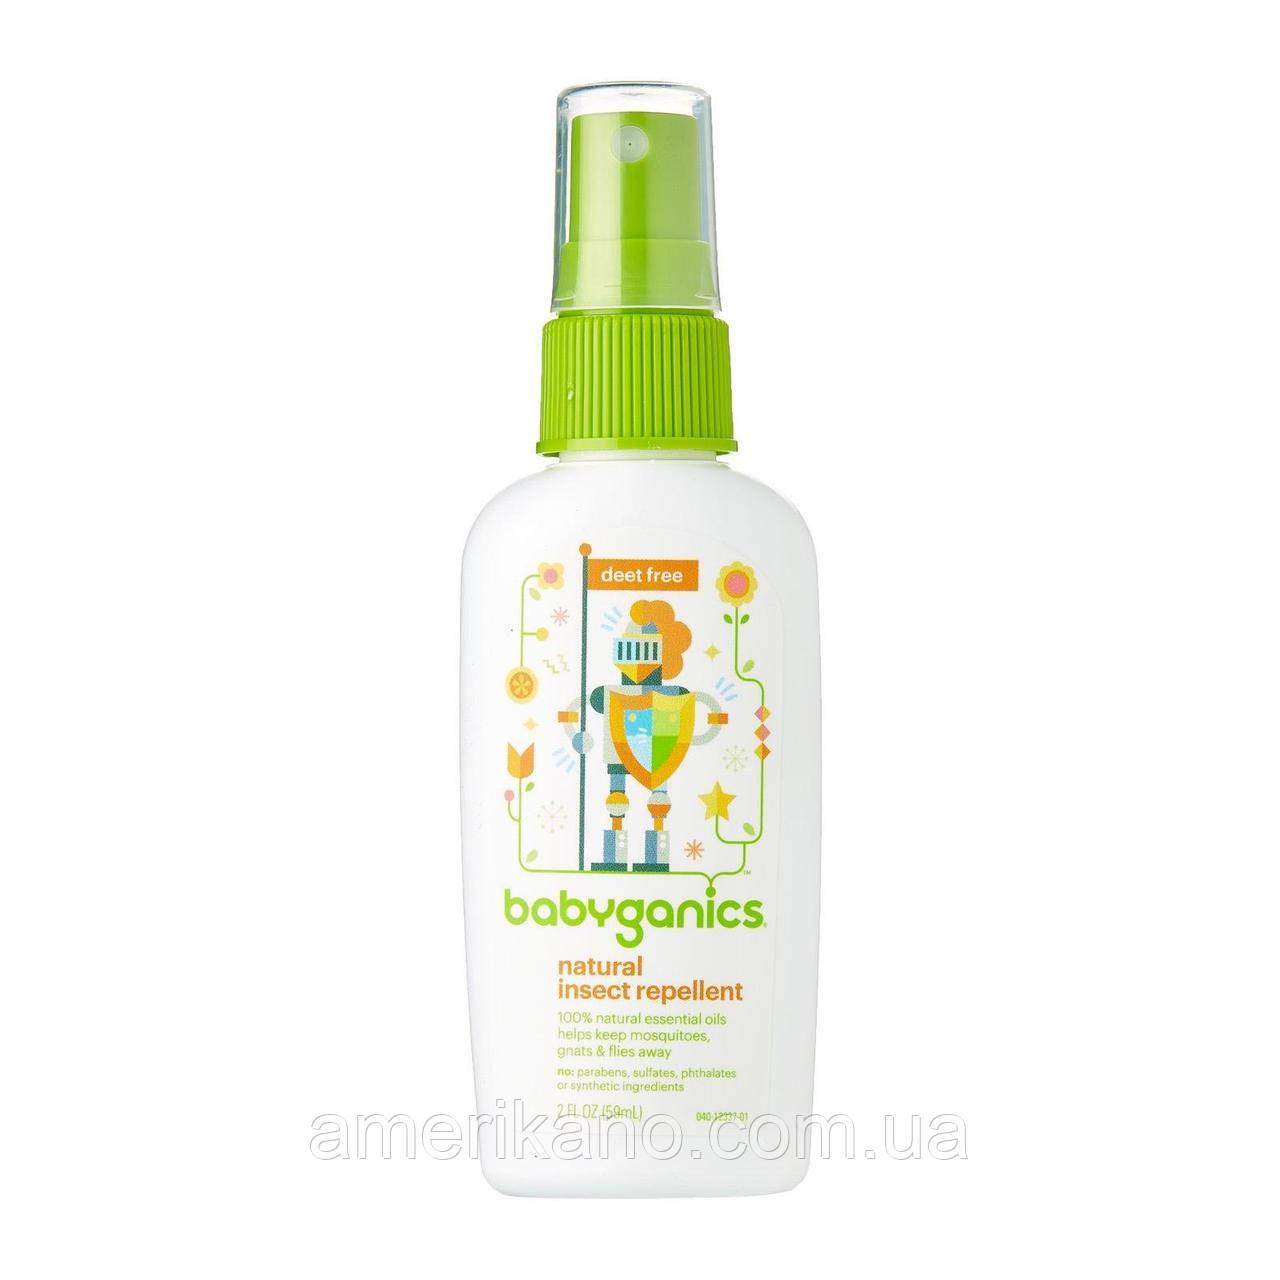 Детский натуральный спрей-репеллент защита от насекомых от BabyGanics от 6 месяцев, 59 мл, США